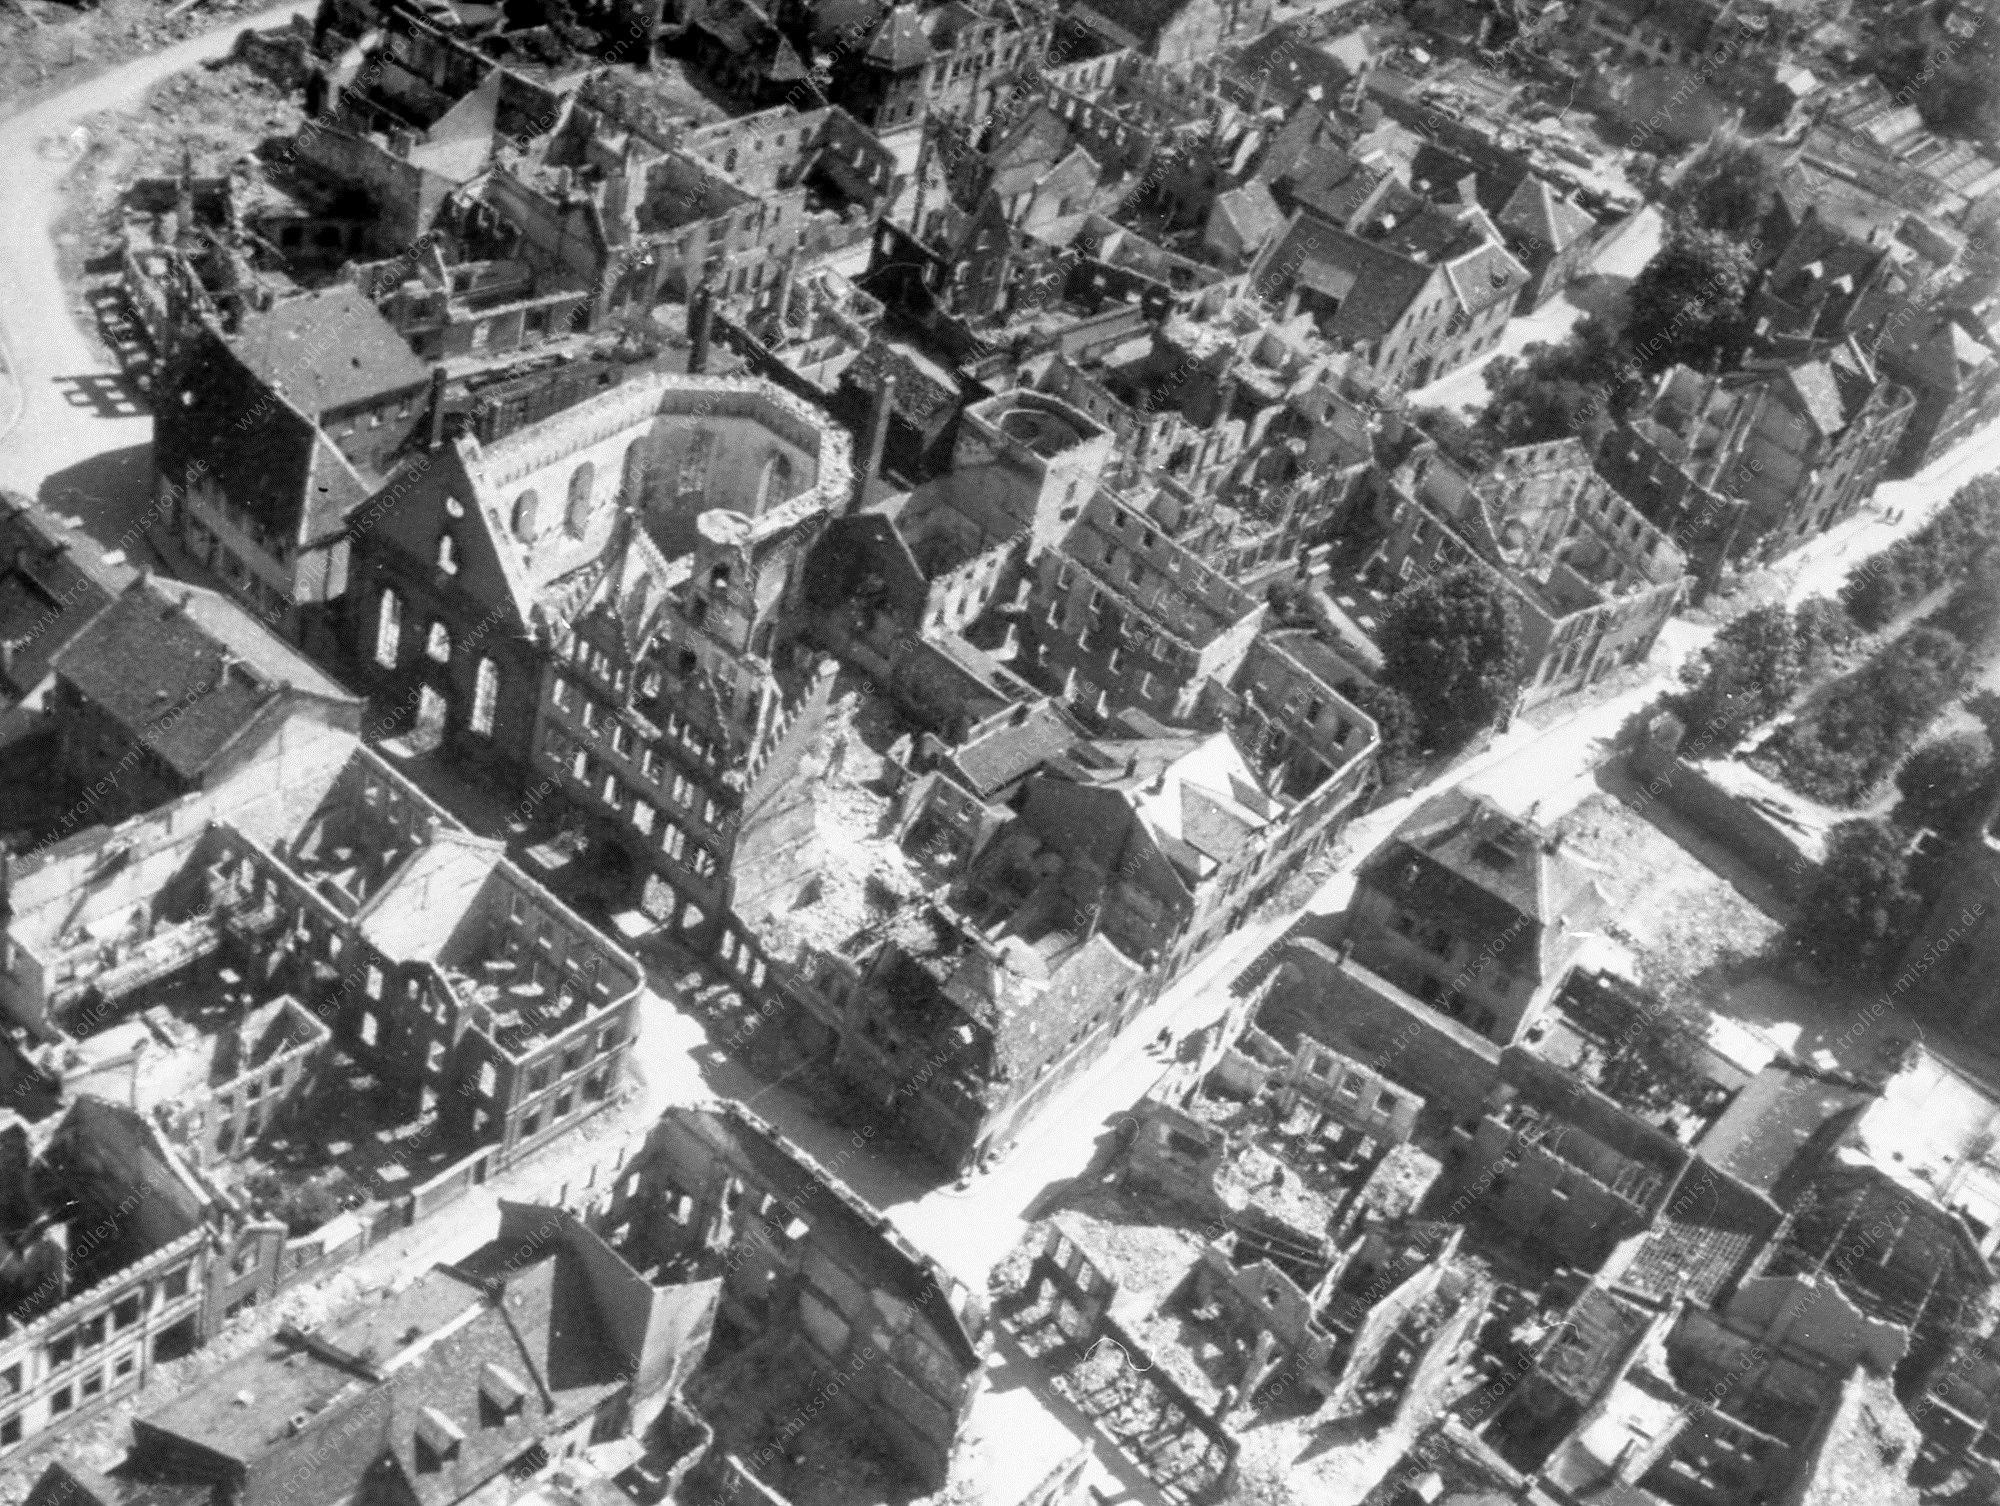 Luftbild der Friedrichskirche sowie der Paulusstraße und Römerstraße in Worms